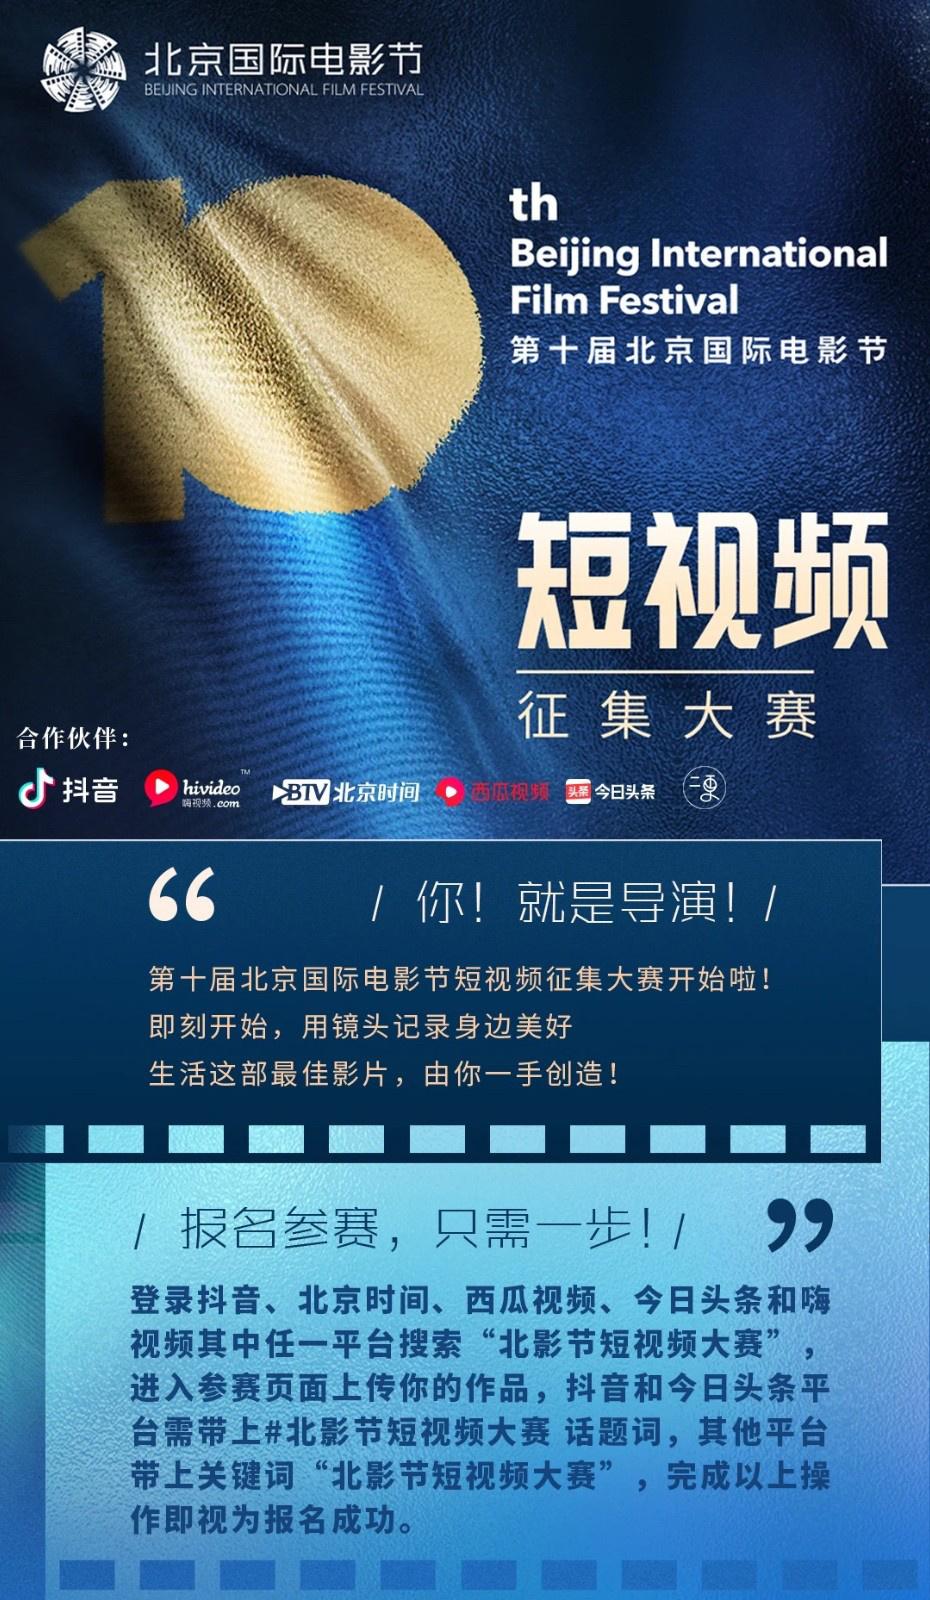 第十届北京国际电影节短视频征集大赛正式开启